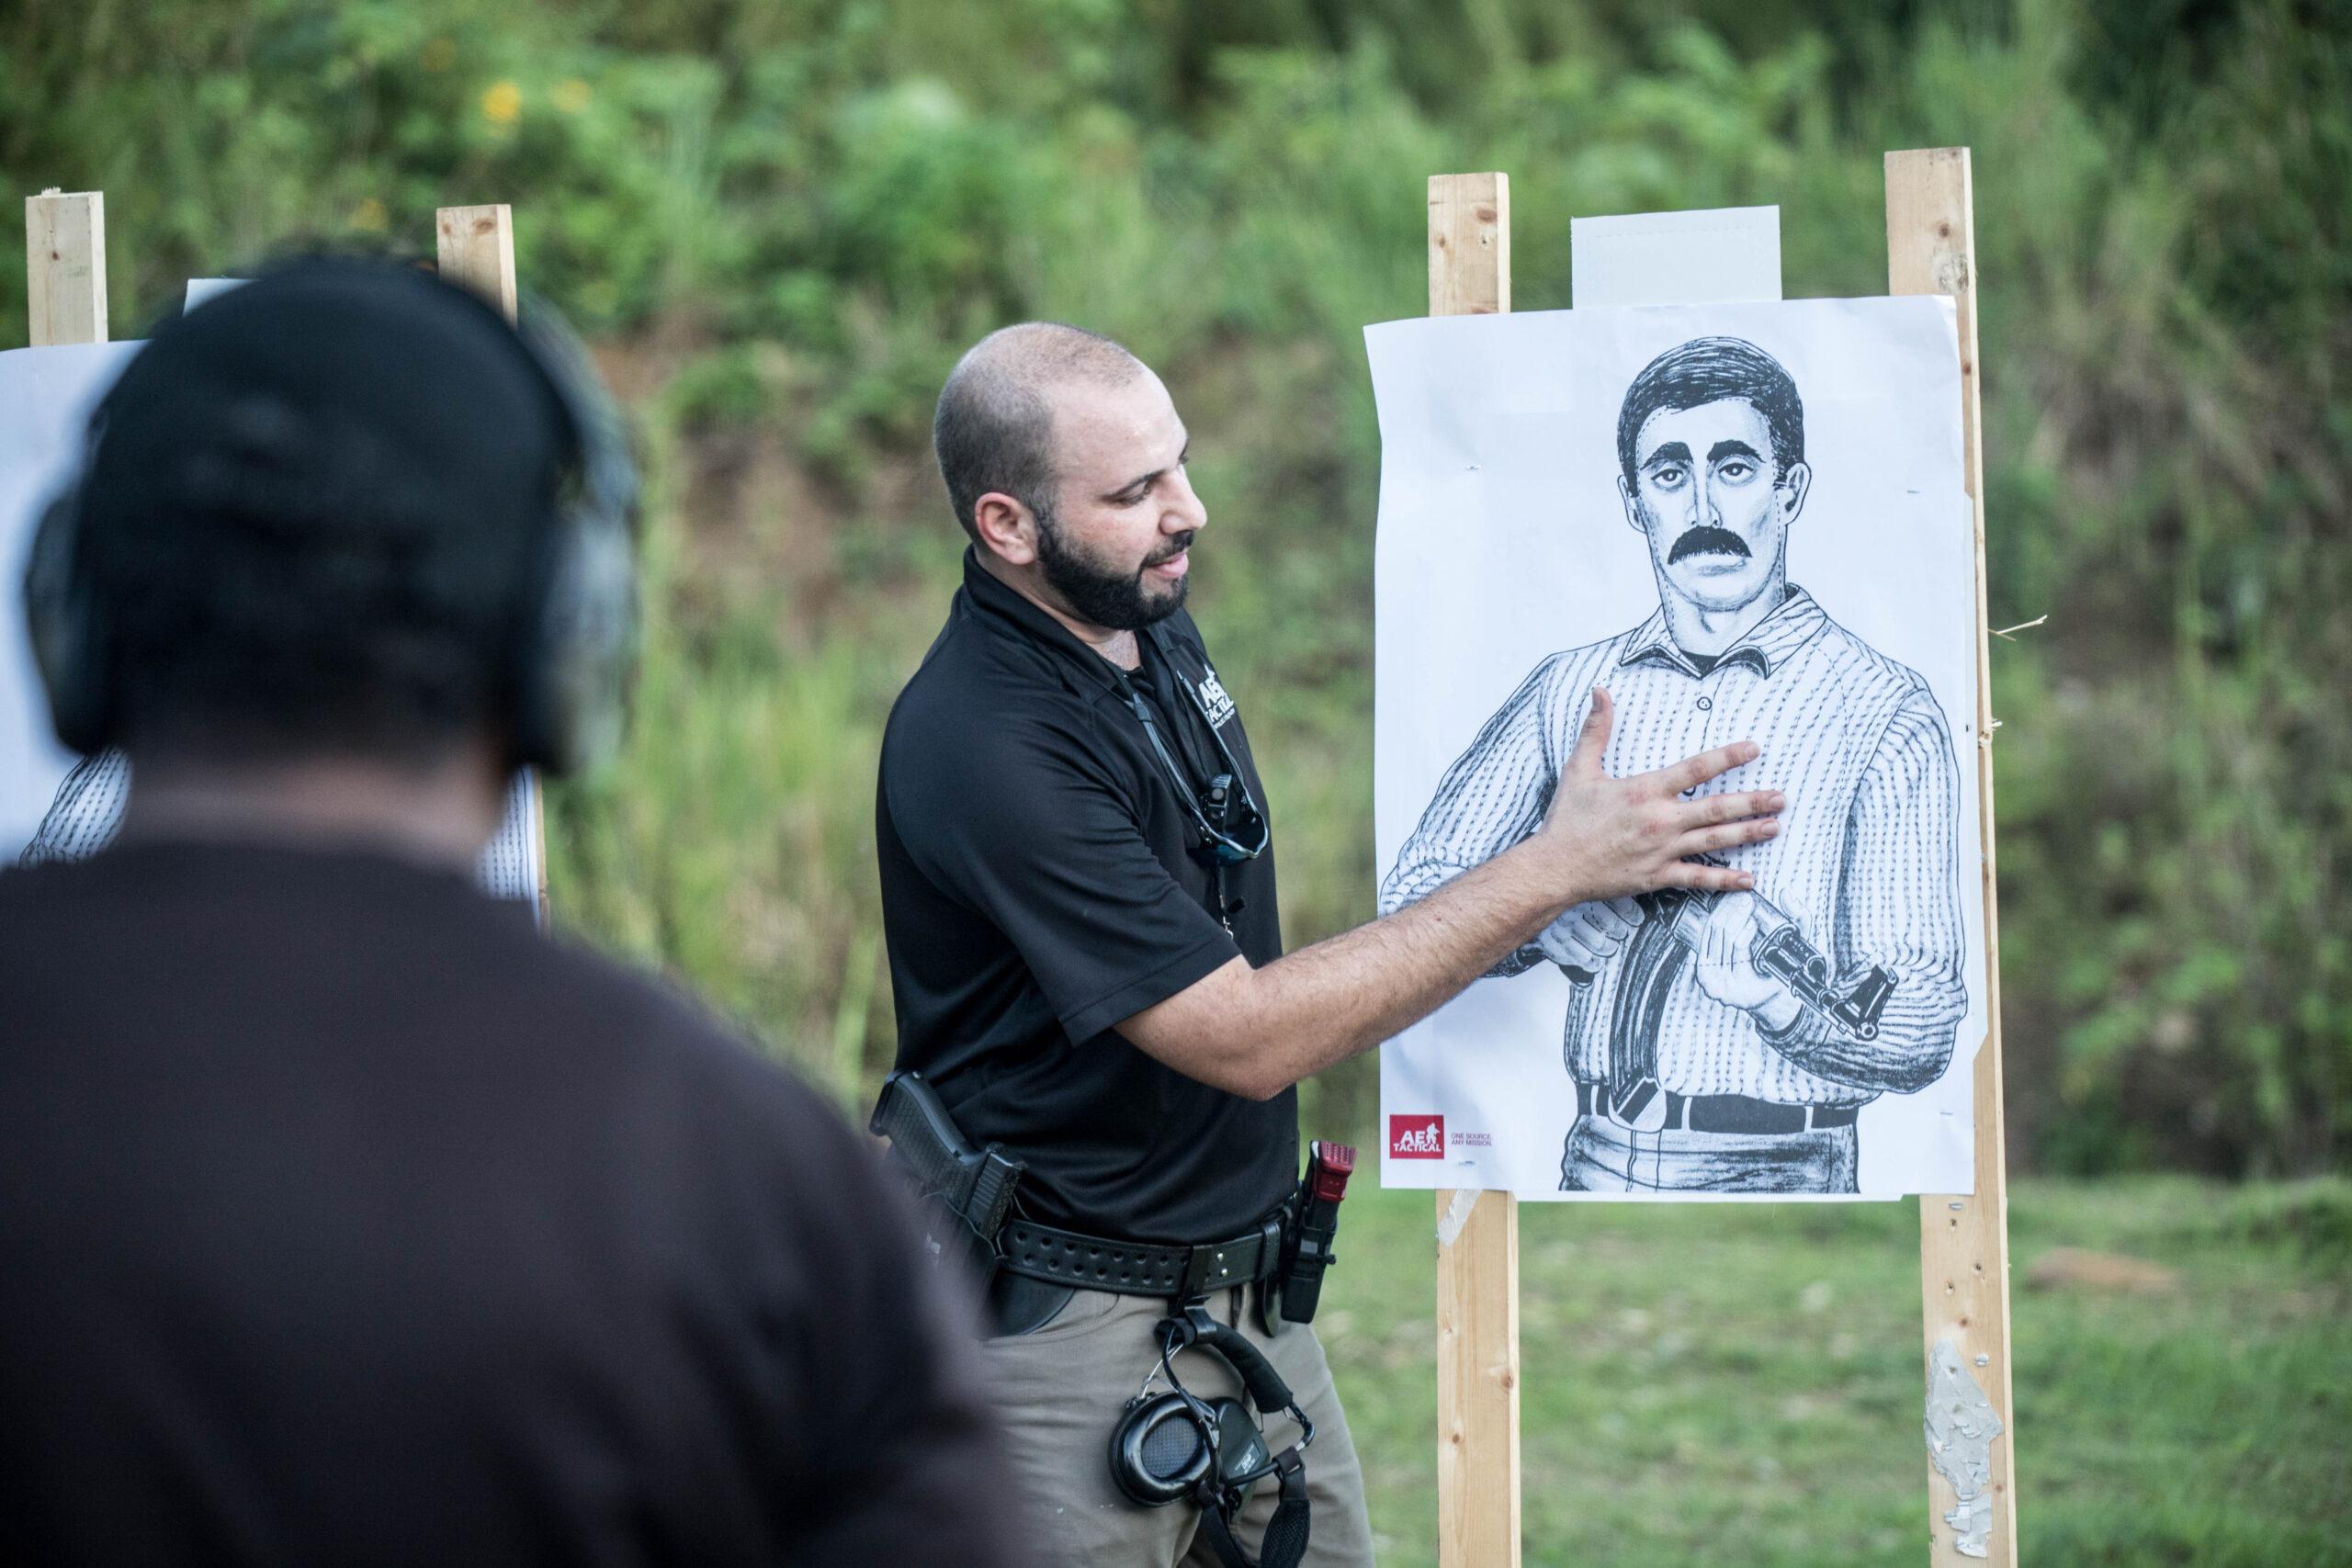 Luke Hadeed Instructing in defensive handgun level 1